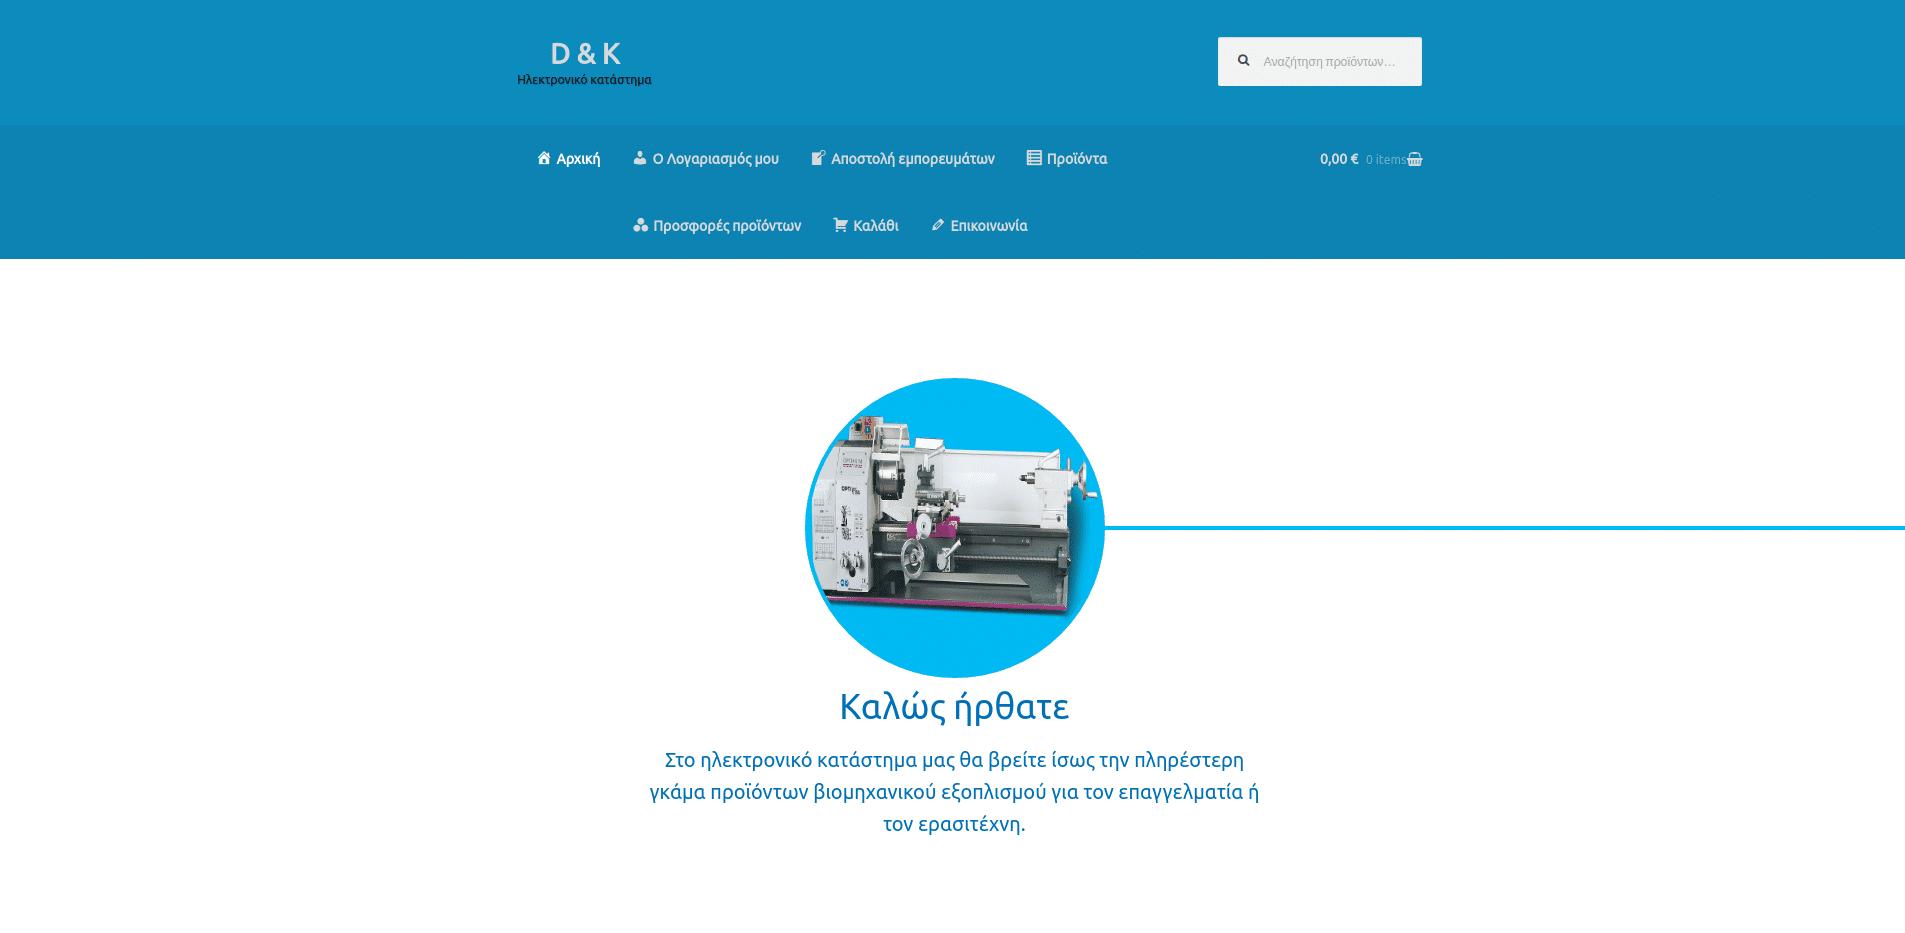 Store.dk.tools